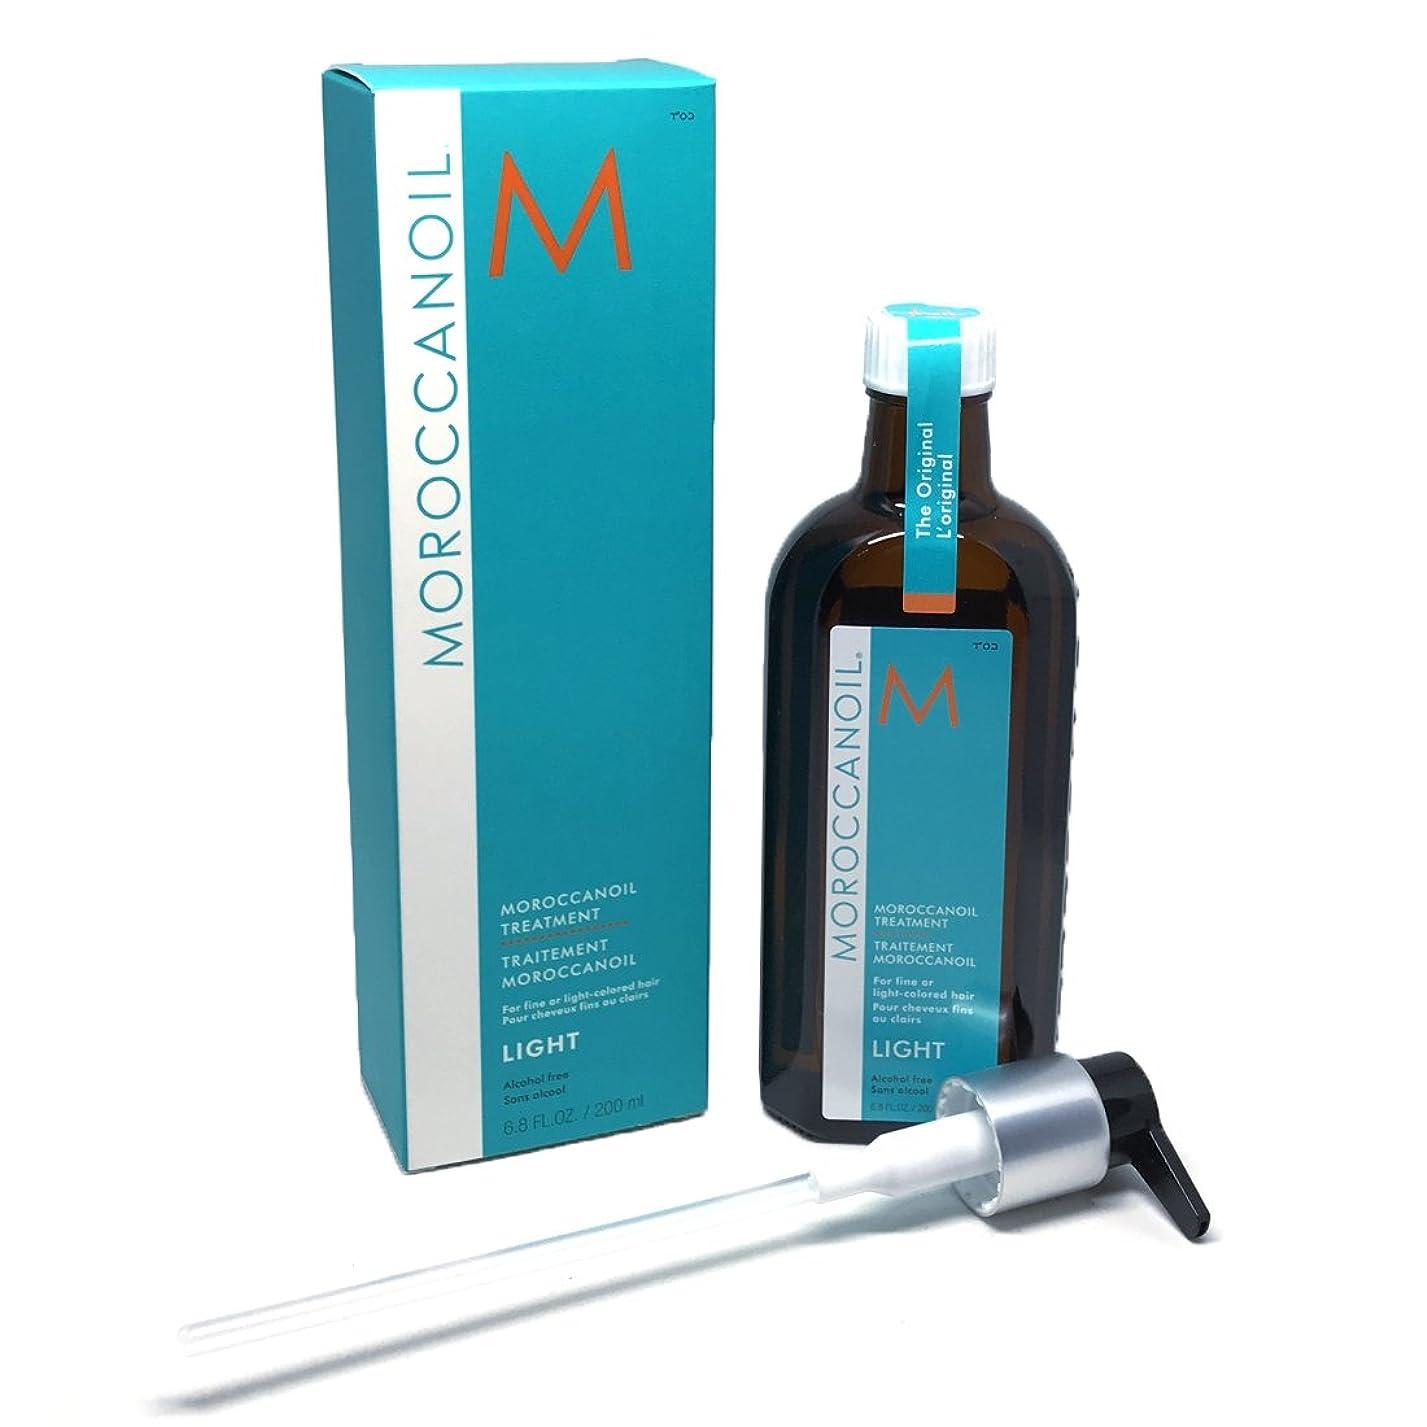 モロッカンオイル(MOROCCANOIL) モロッカンオイル オイルトリートメント ライト 200ml[並行輸入品]